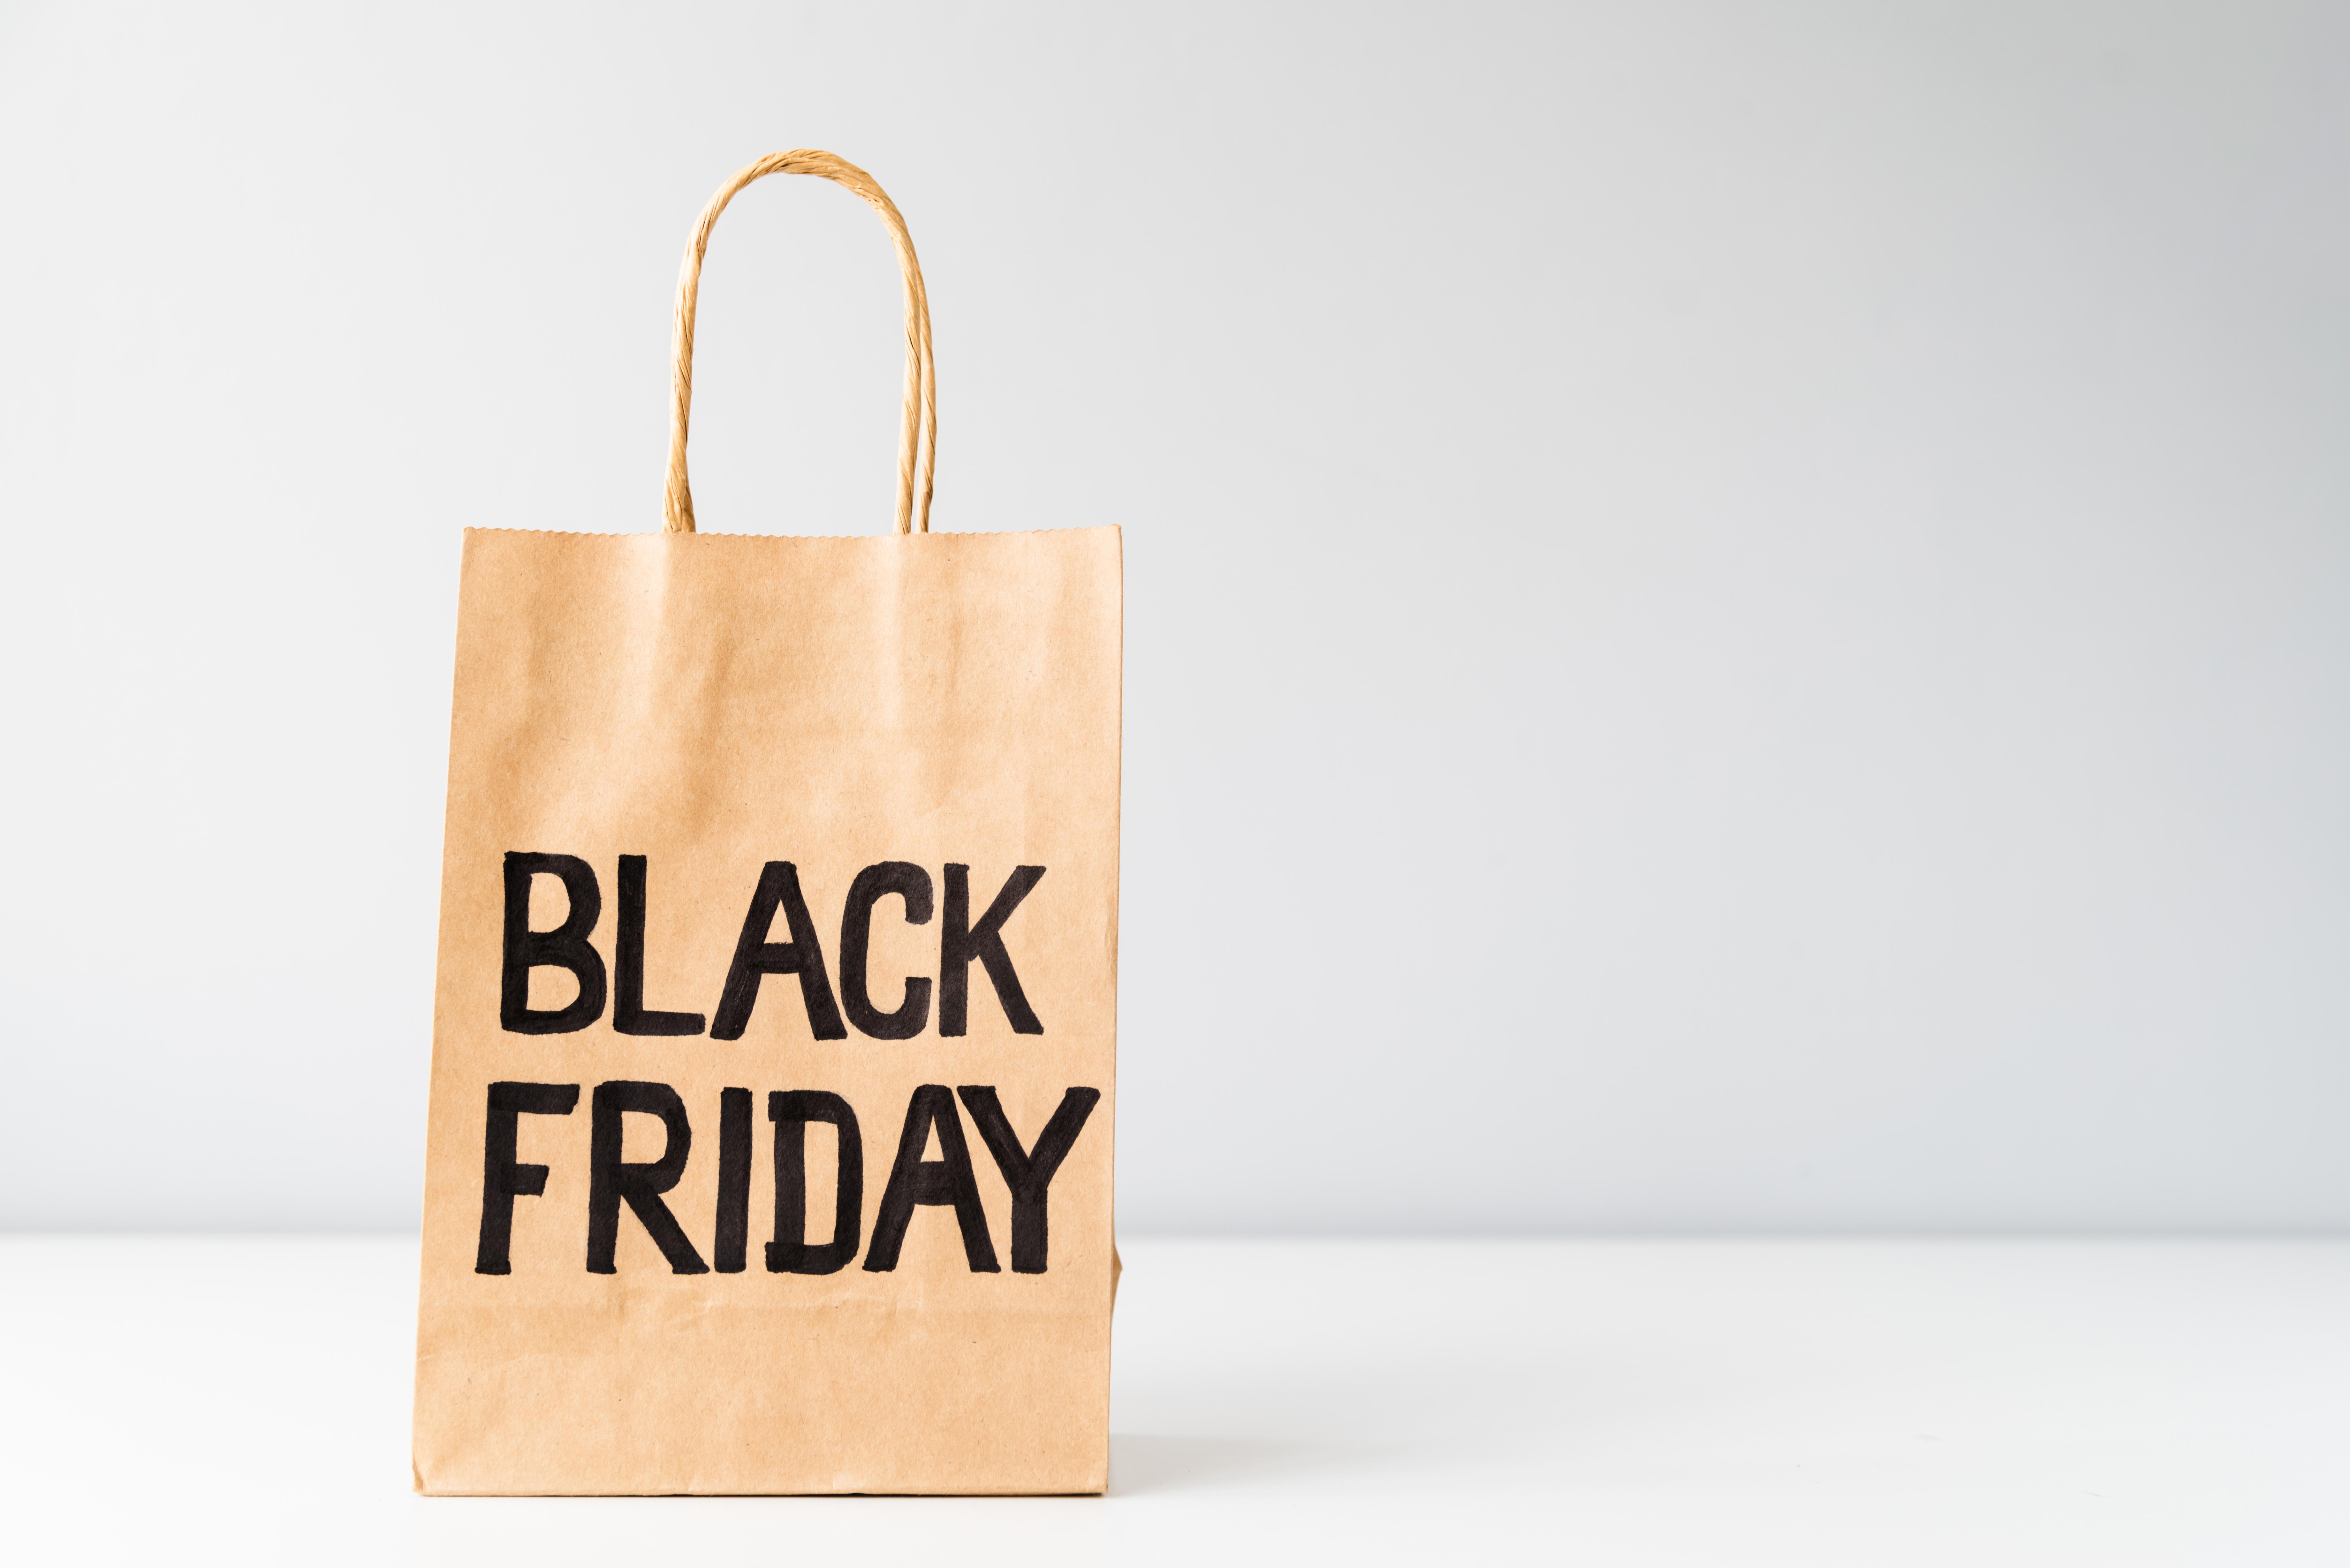 Dicas e tendências: como bombar suas vendas na Black Friday!